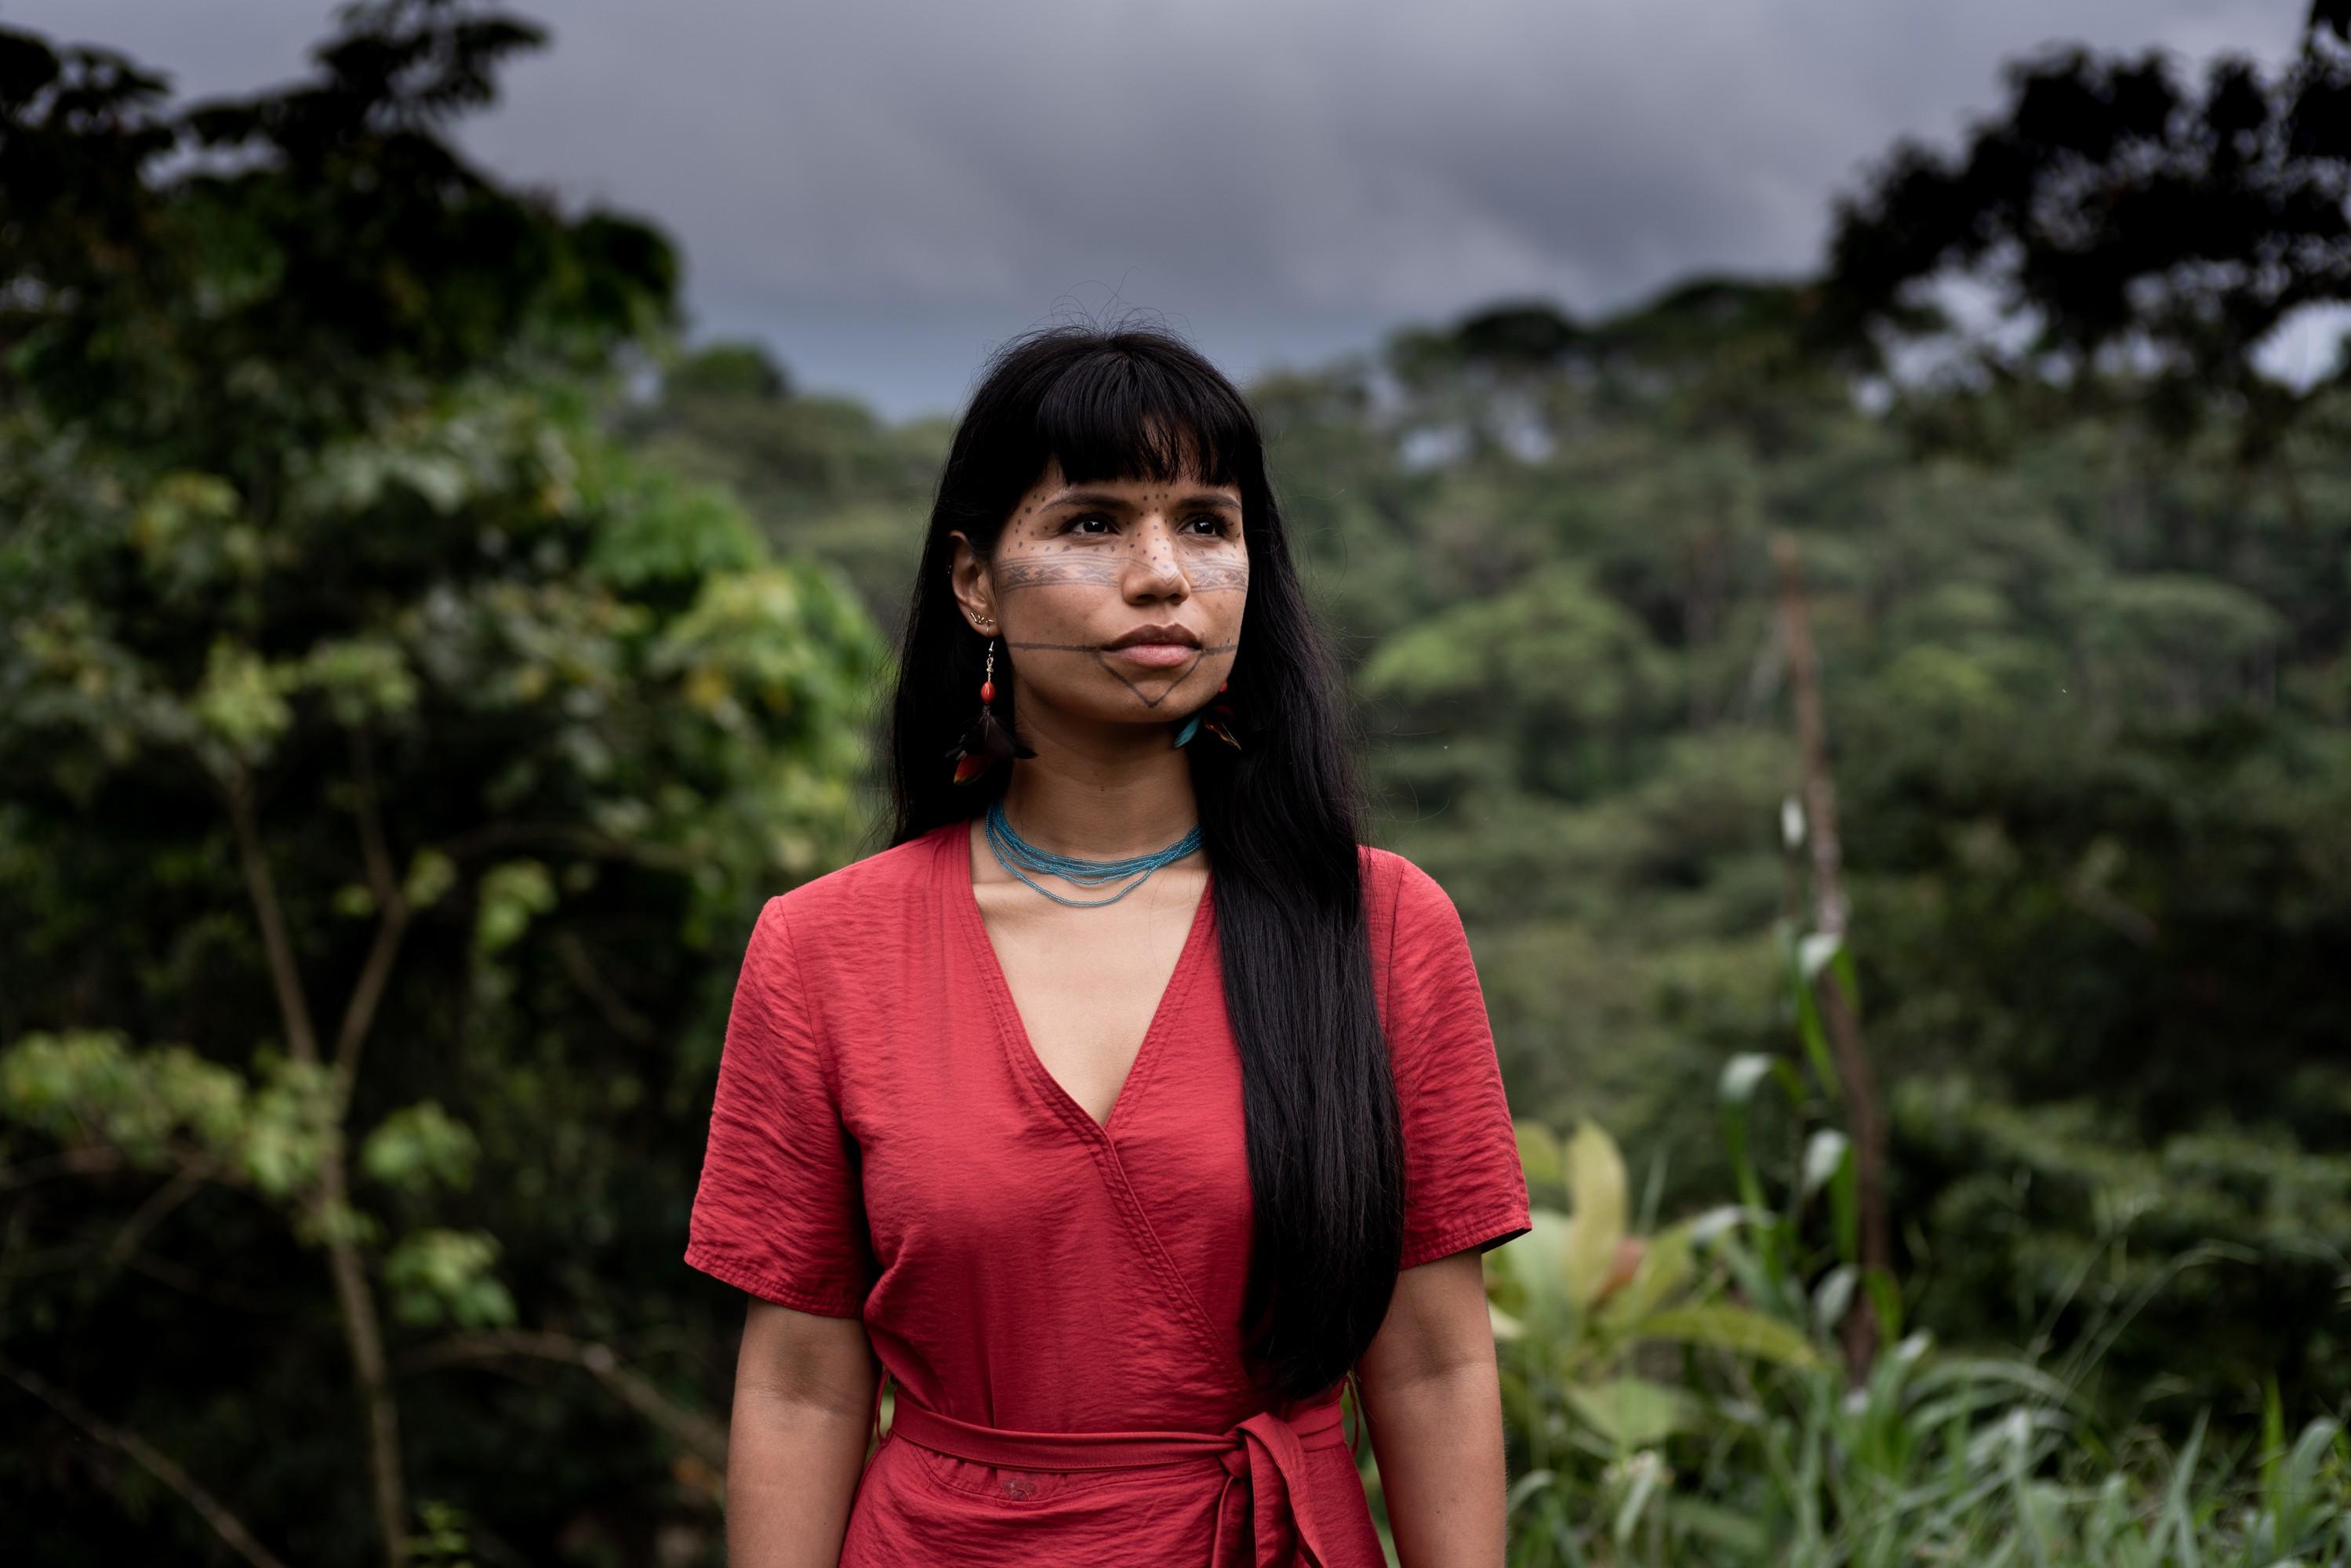 Nina no encontro do Dia Internacional da Mulher de lideranças indígenas e nações de toda a Amazônia equatoriana organizada pela Confederação dos Indígenas Nacionalidades do Equador (CONAIE) (Foto: Alice Aedy)